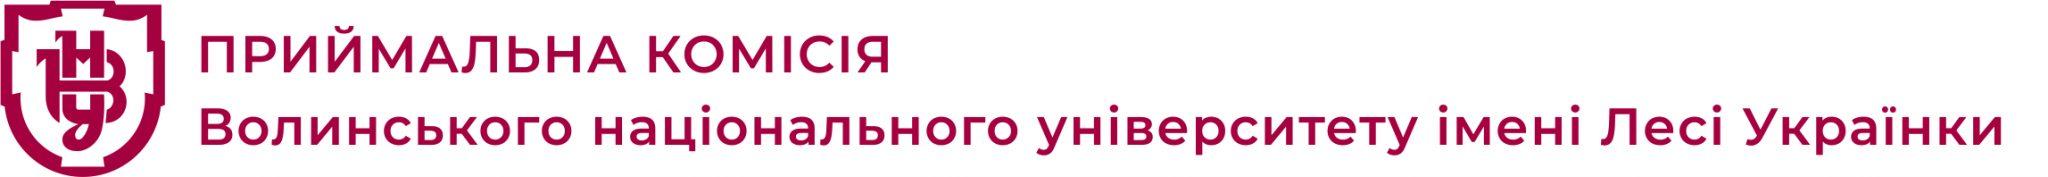 Приймальна комісія Східноєвропейського національного університету імені Лесі Українки